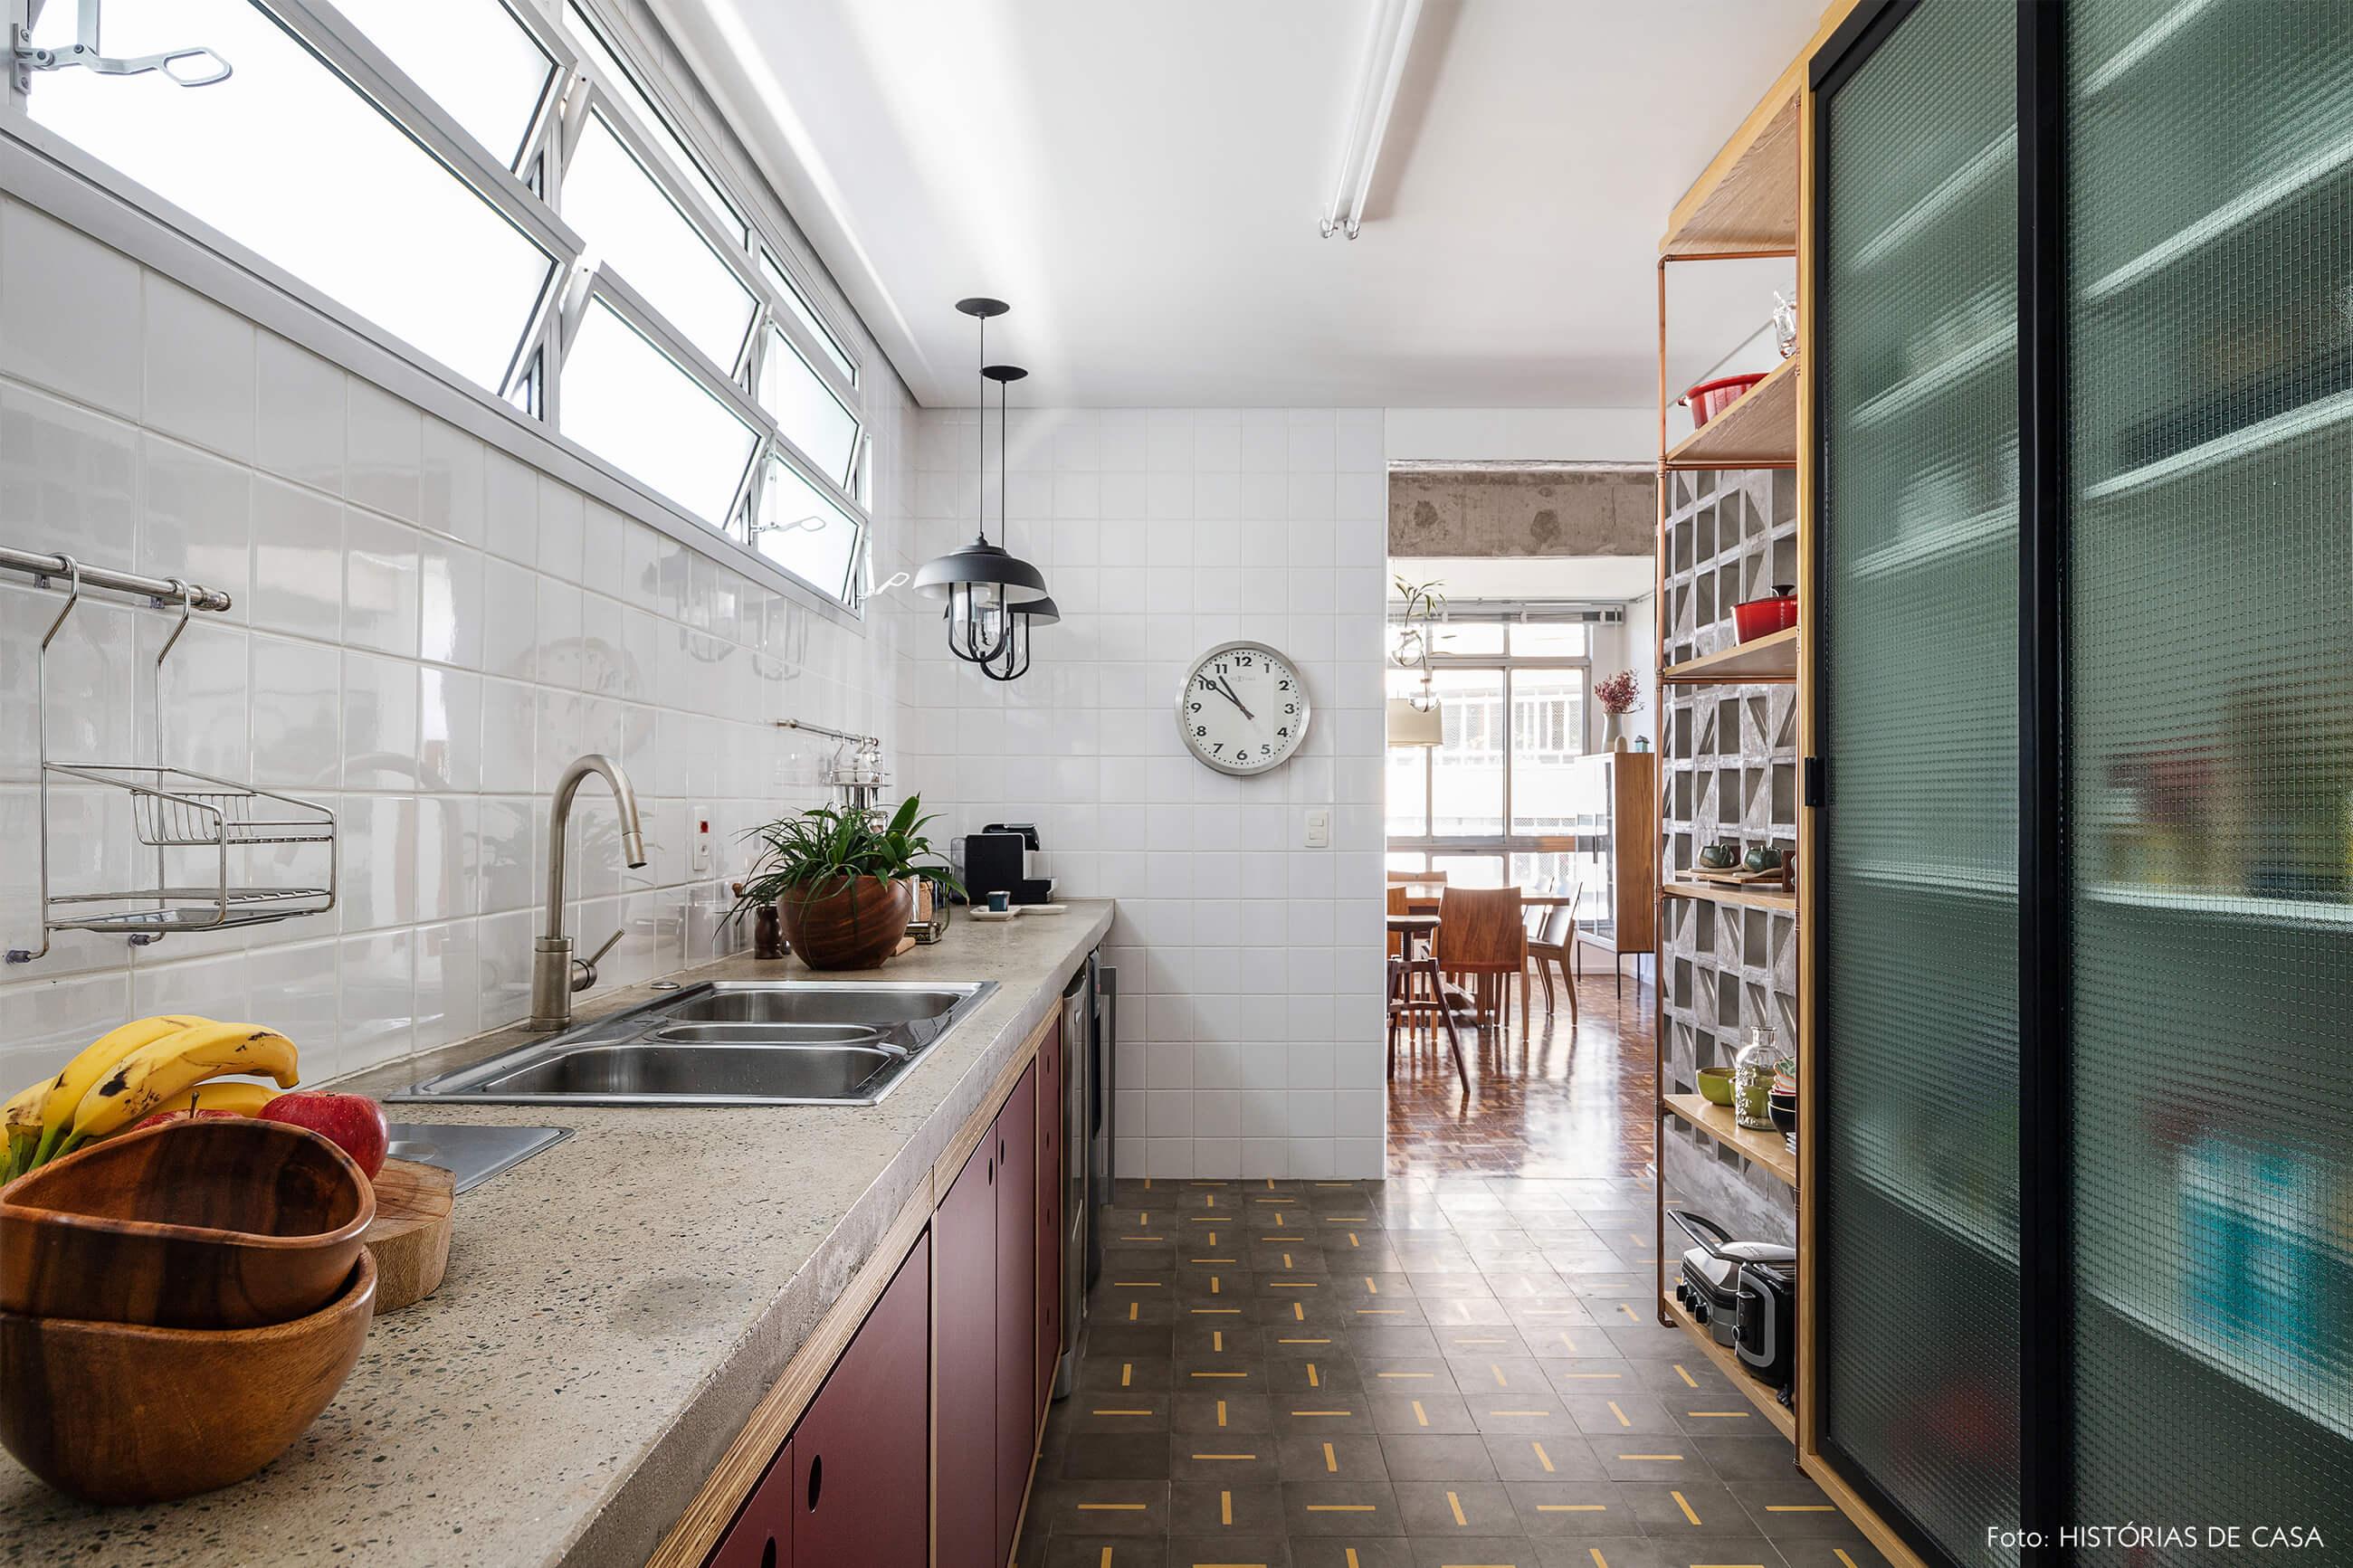 cozinha-com-armarios-de-madeira-e-porta-de-vidro